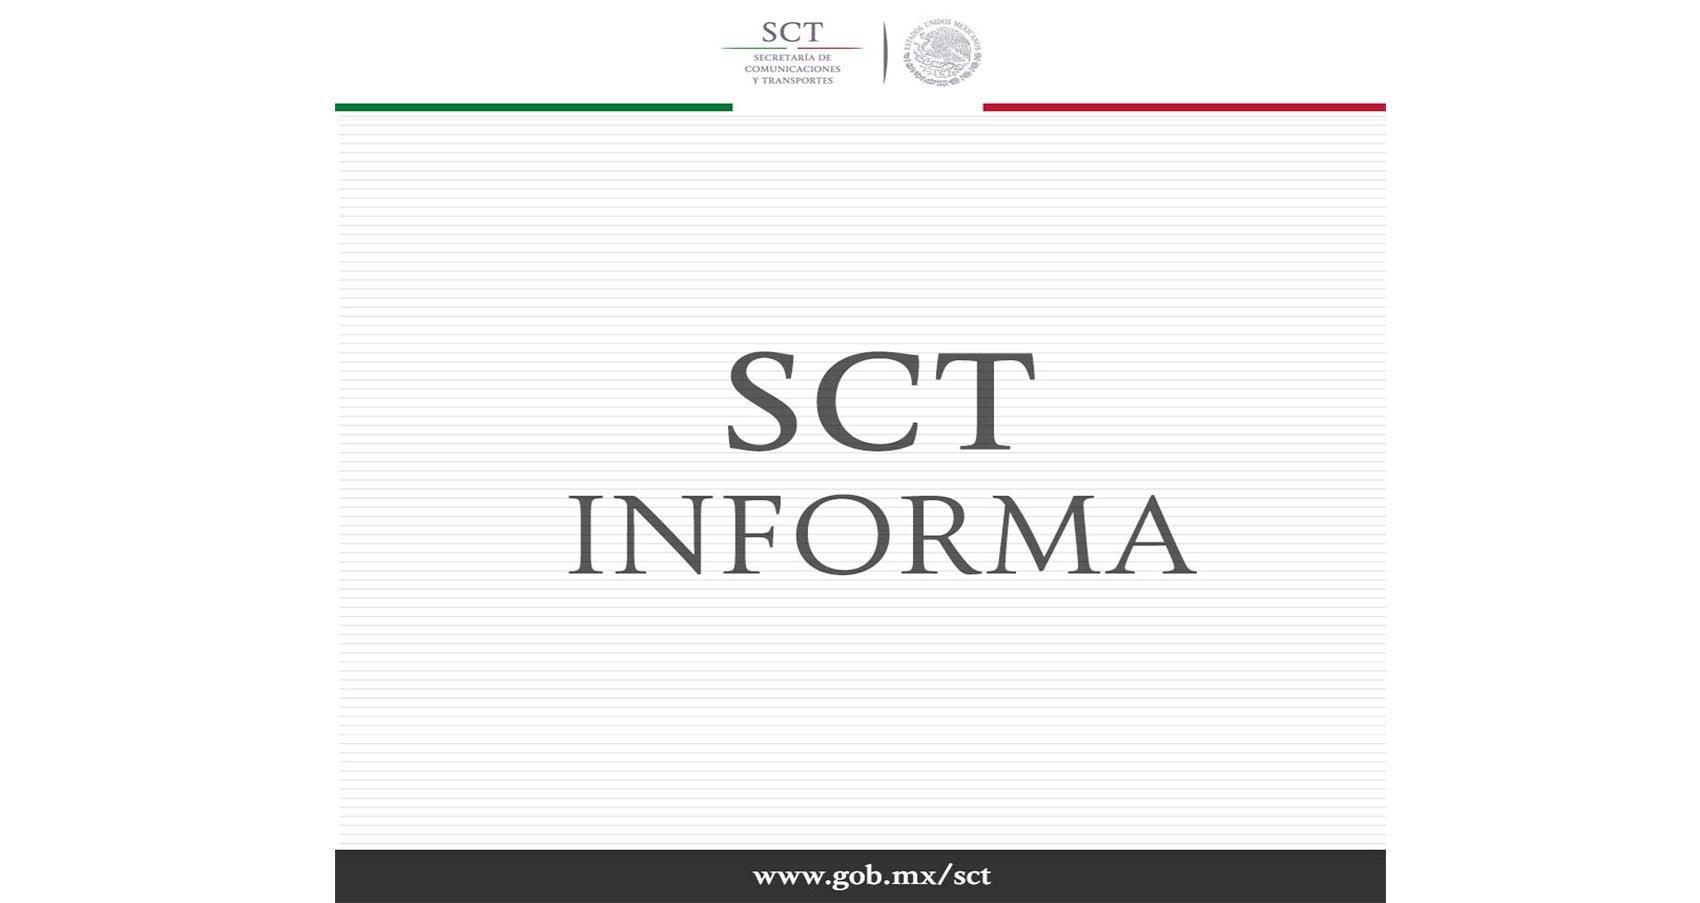 La Secretaría de Comunicaciones y Transportes informa. Accidente de la aeronave Embraer 190, matrícula XA-GAL, de Aeroméxico Connect